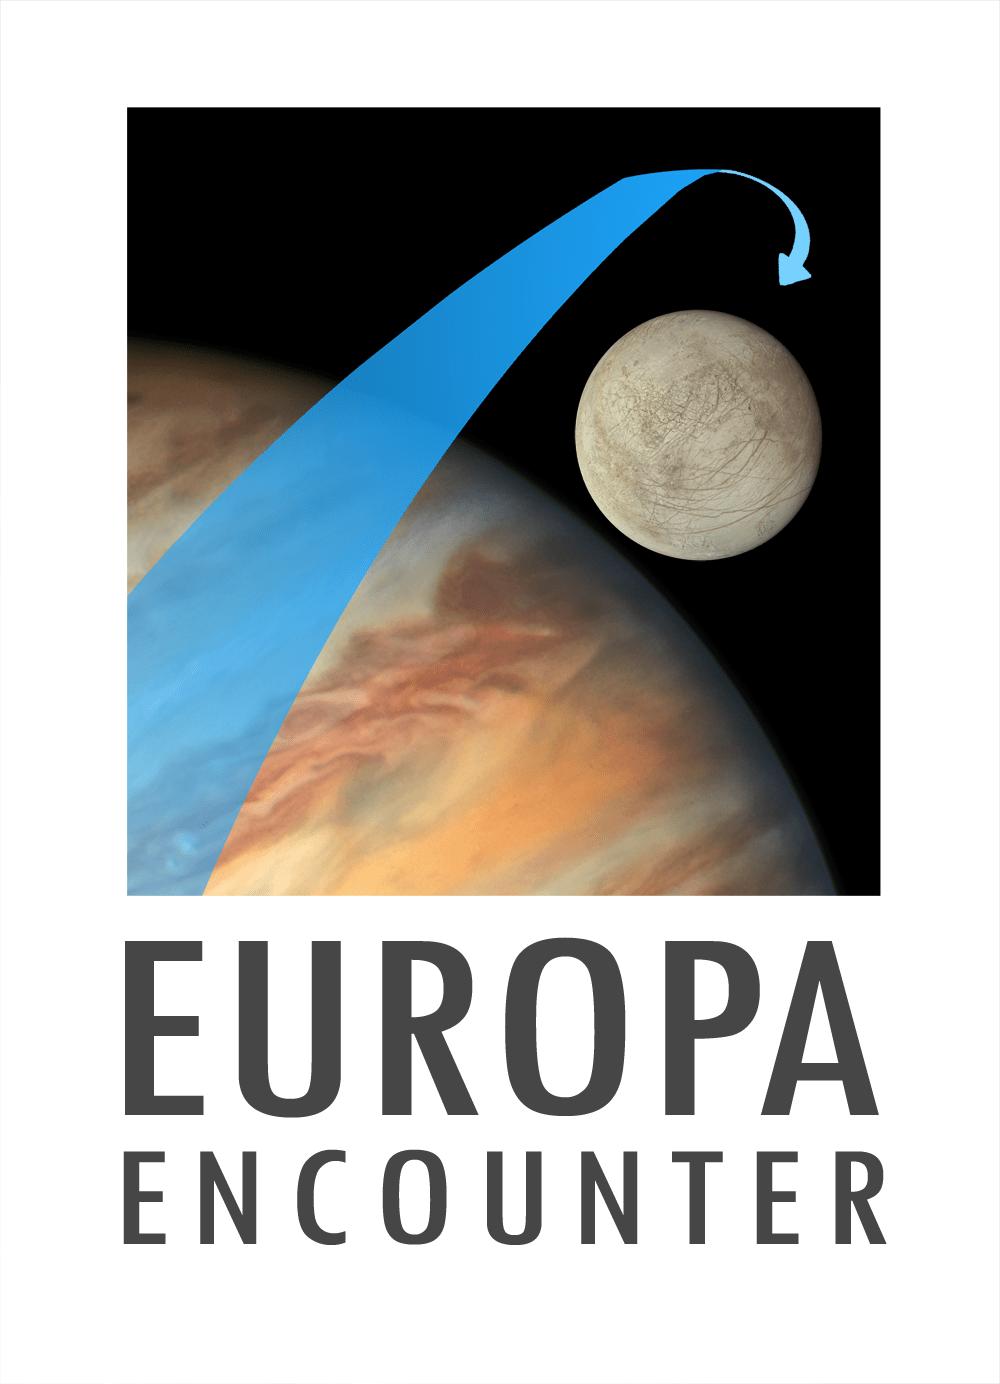 Europa Encounter